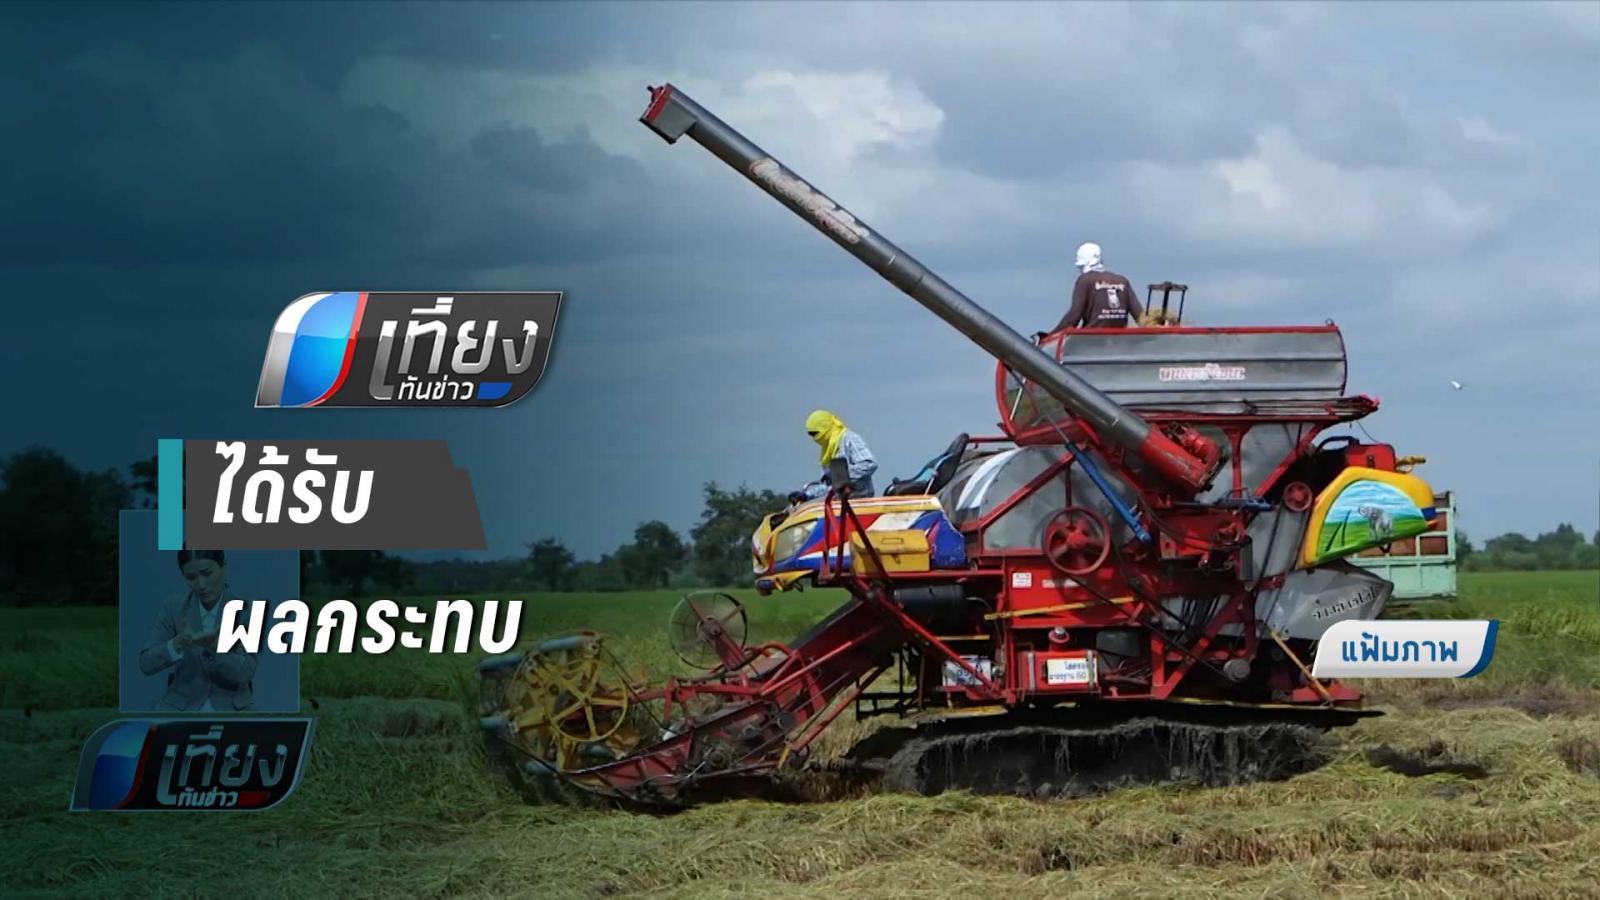 ผู้ประกอบการ-เกษตรกร ร้องรัฐยกเลิกห้ามนำเข้ารถแทรคเตอร์มือสอง